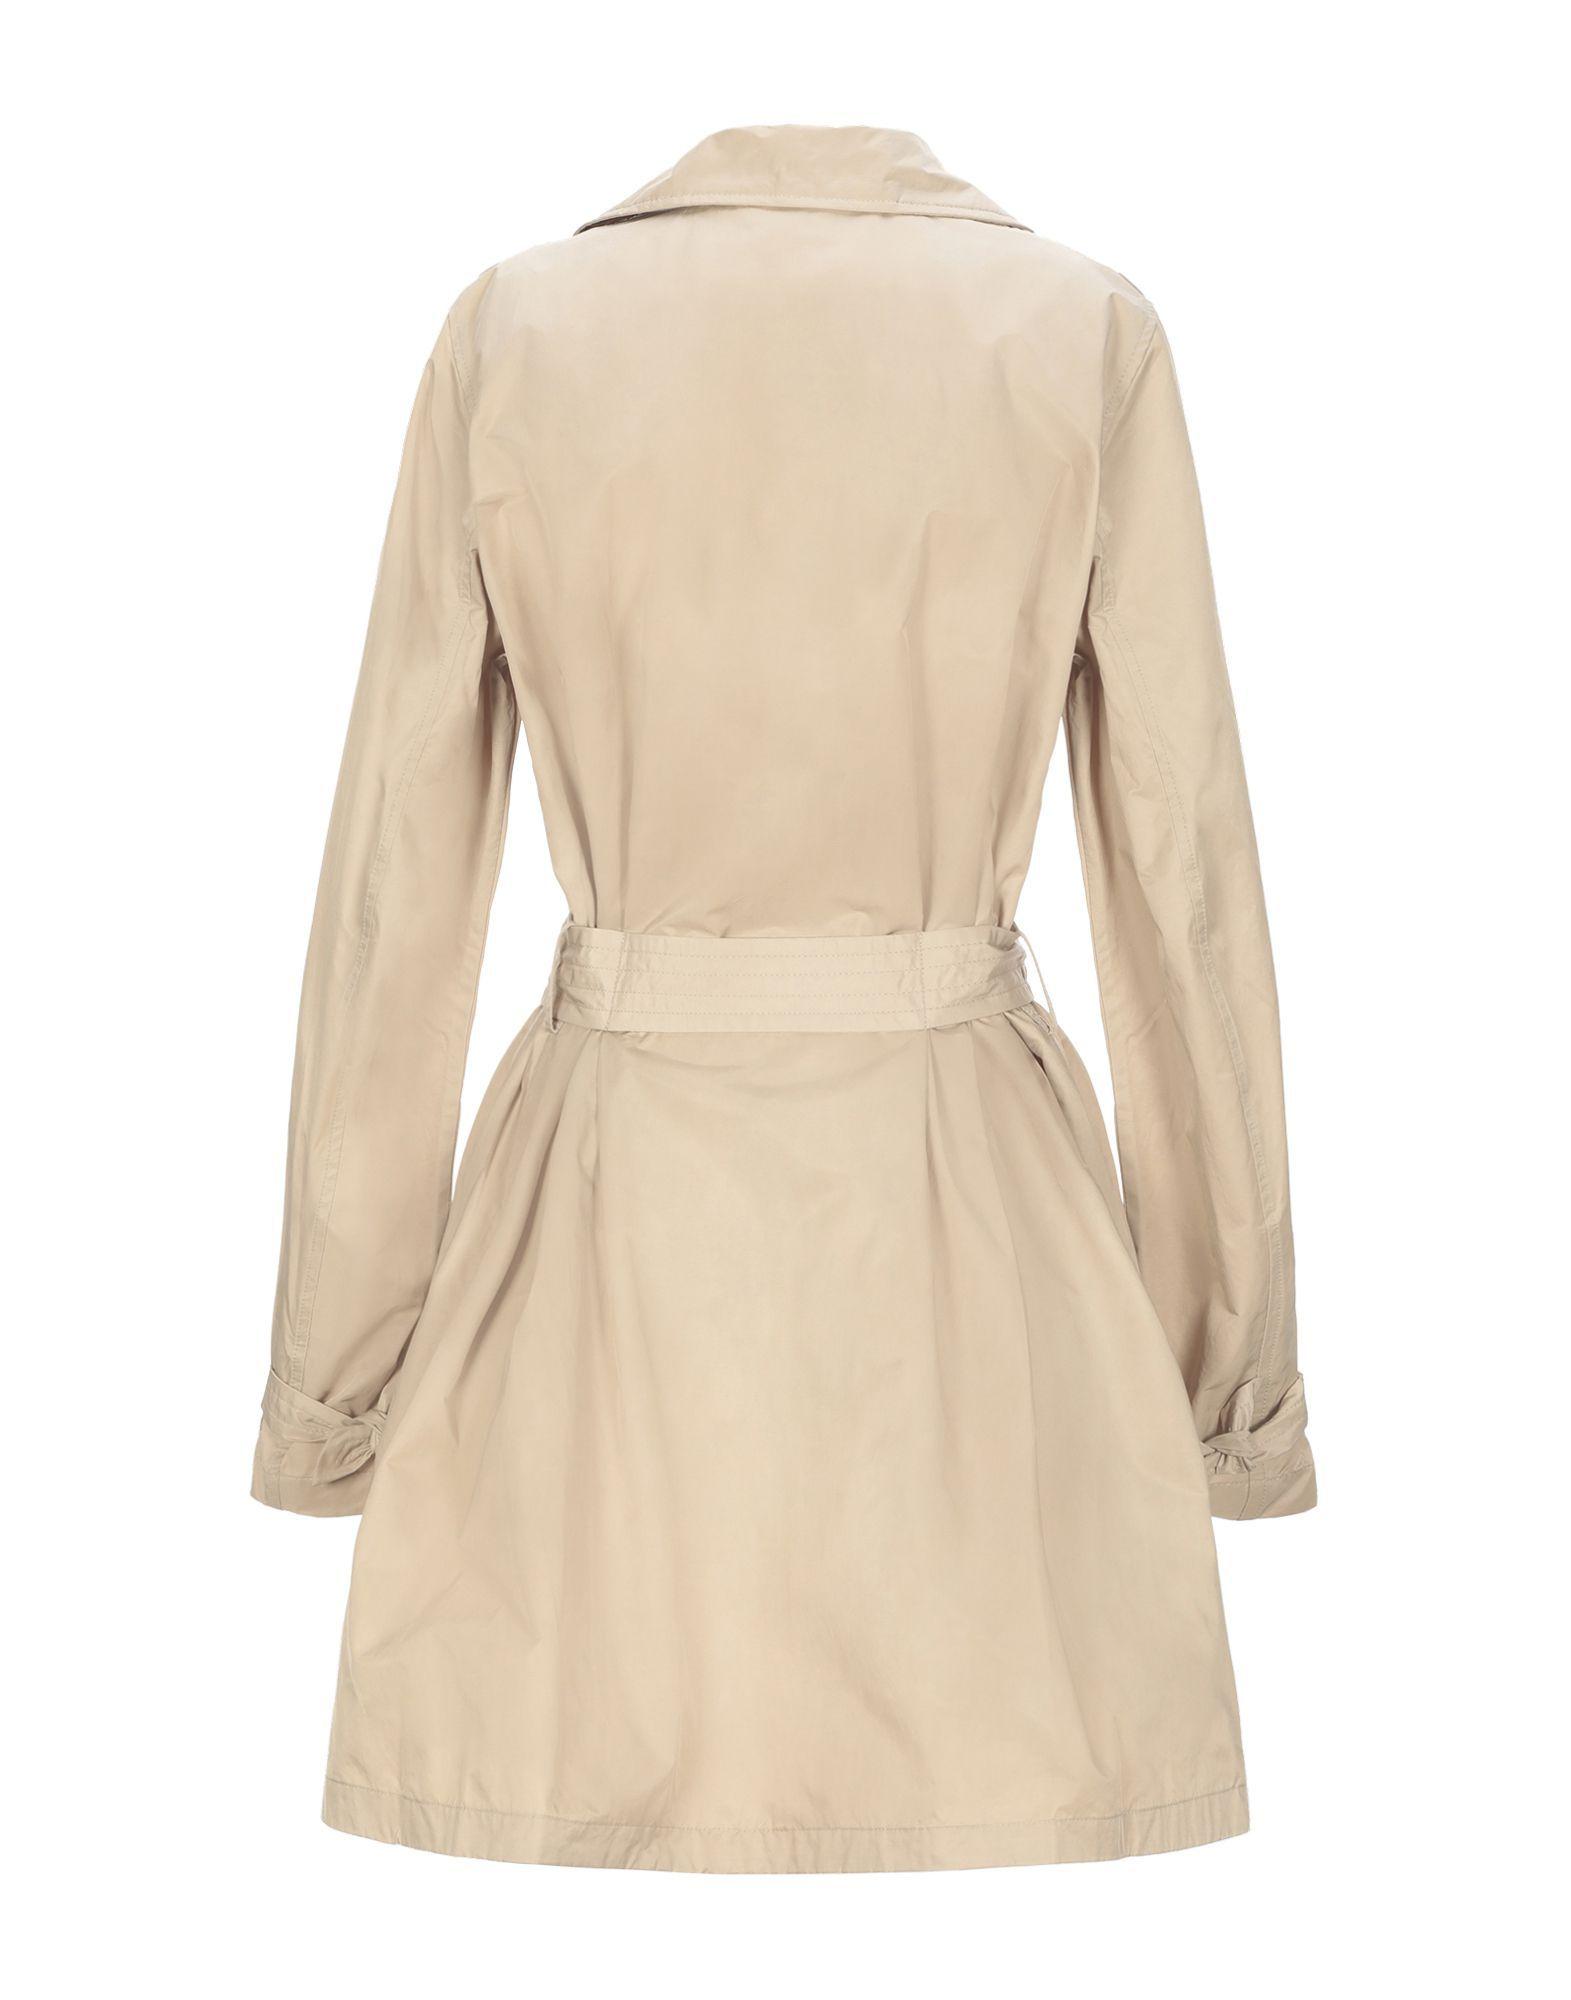 COATS & JACKETS Add Beige Woman Cotton